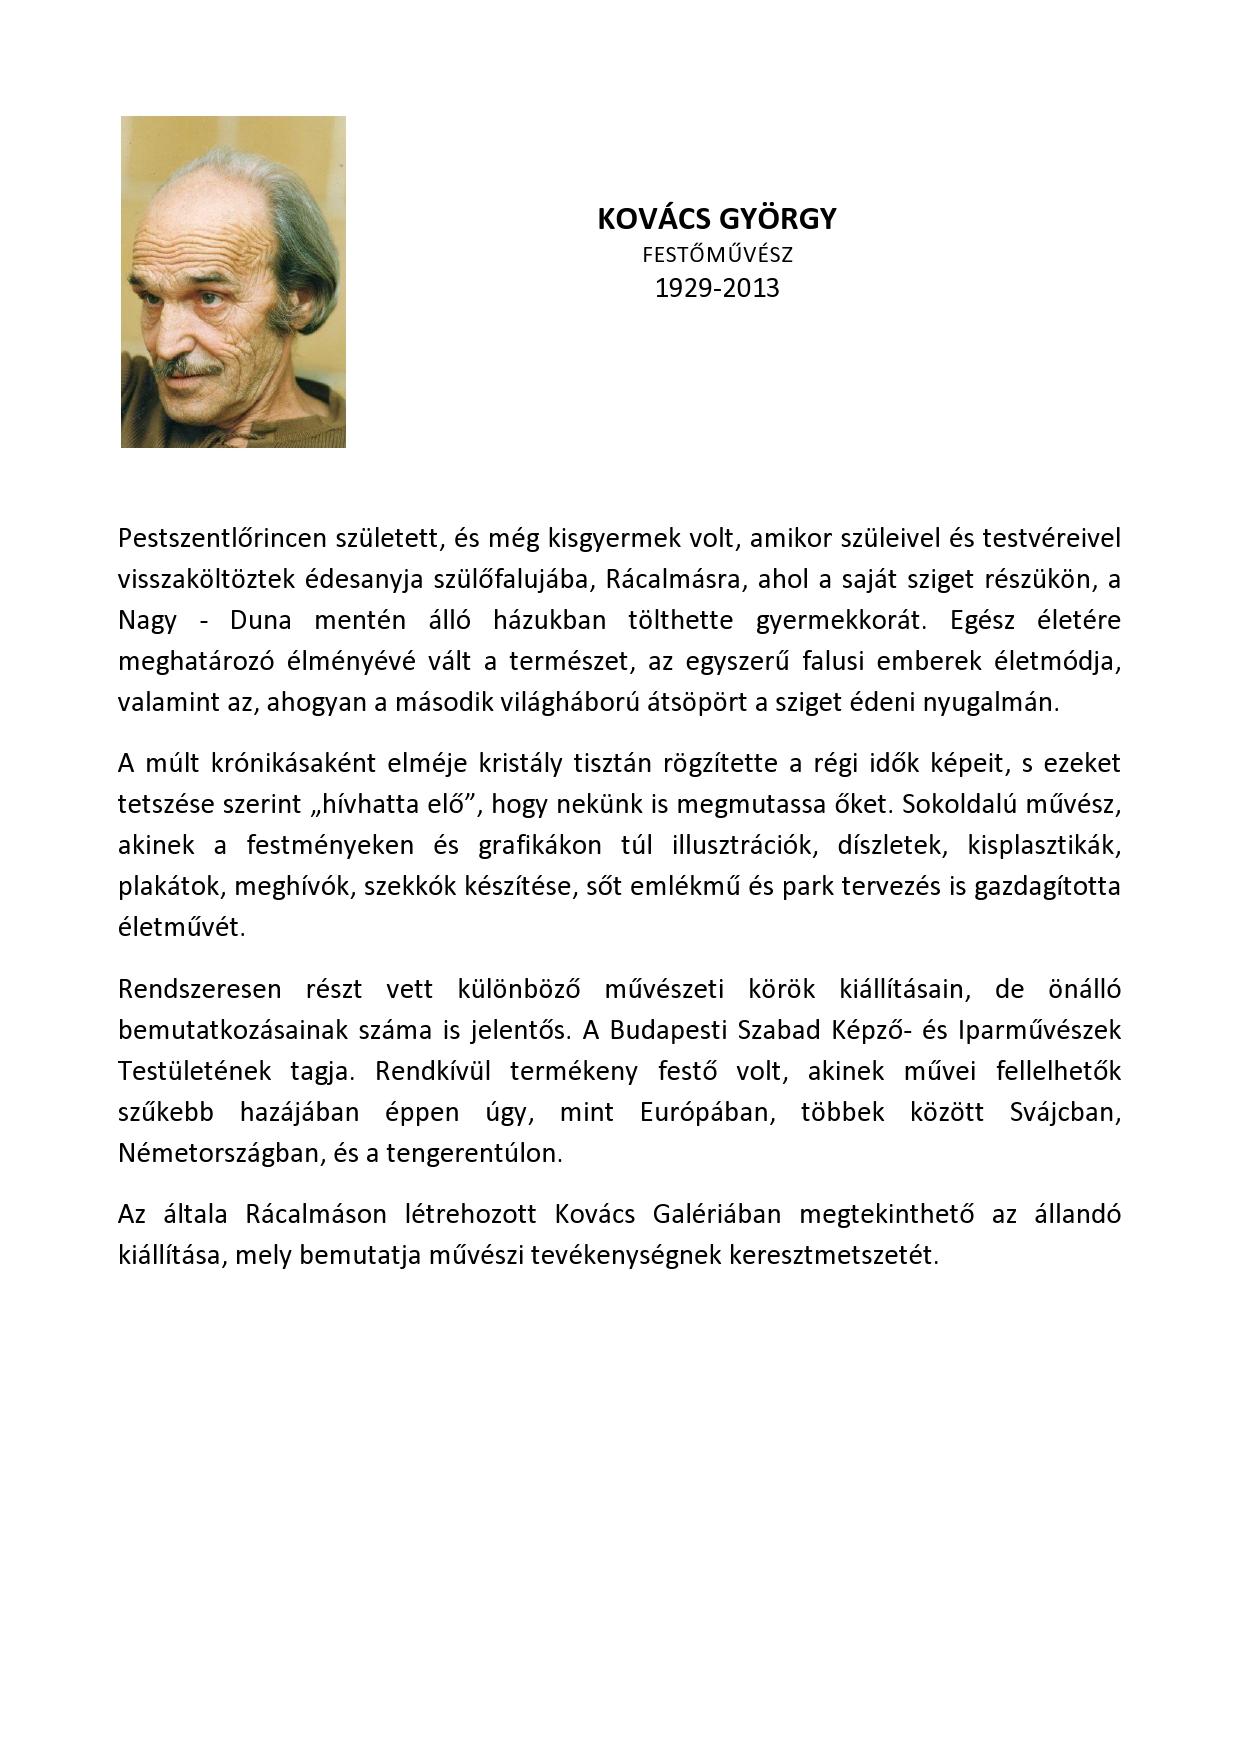 KOVÁCS GYÖRGY  rövid életrajz-page0001